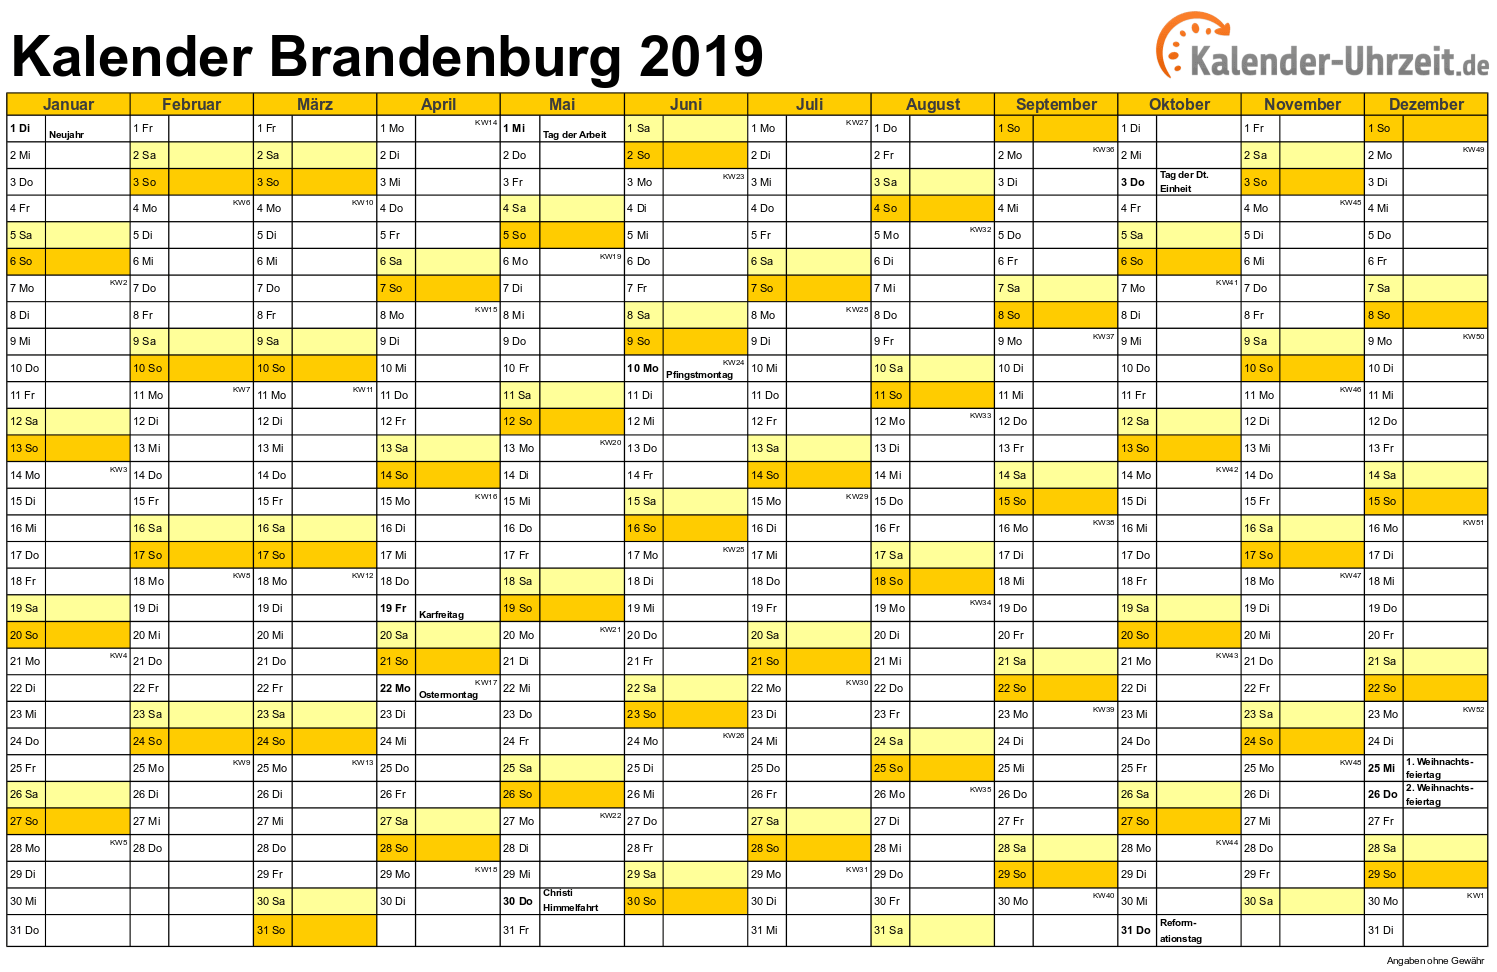 Brandenburg Kalender 2019 mit Feiertagen - quer-einseitig